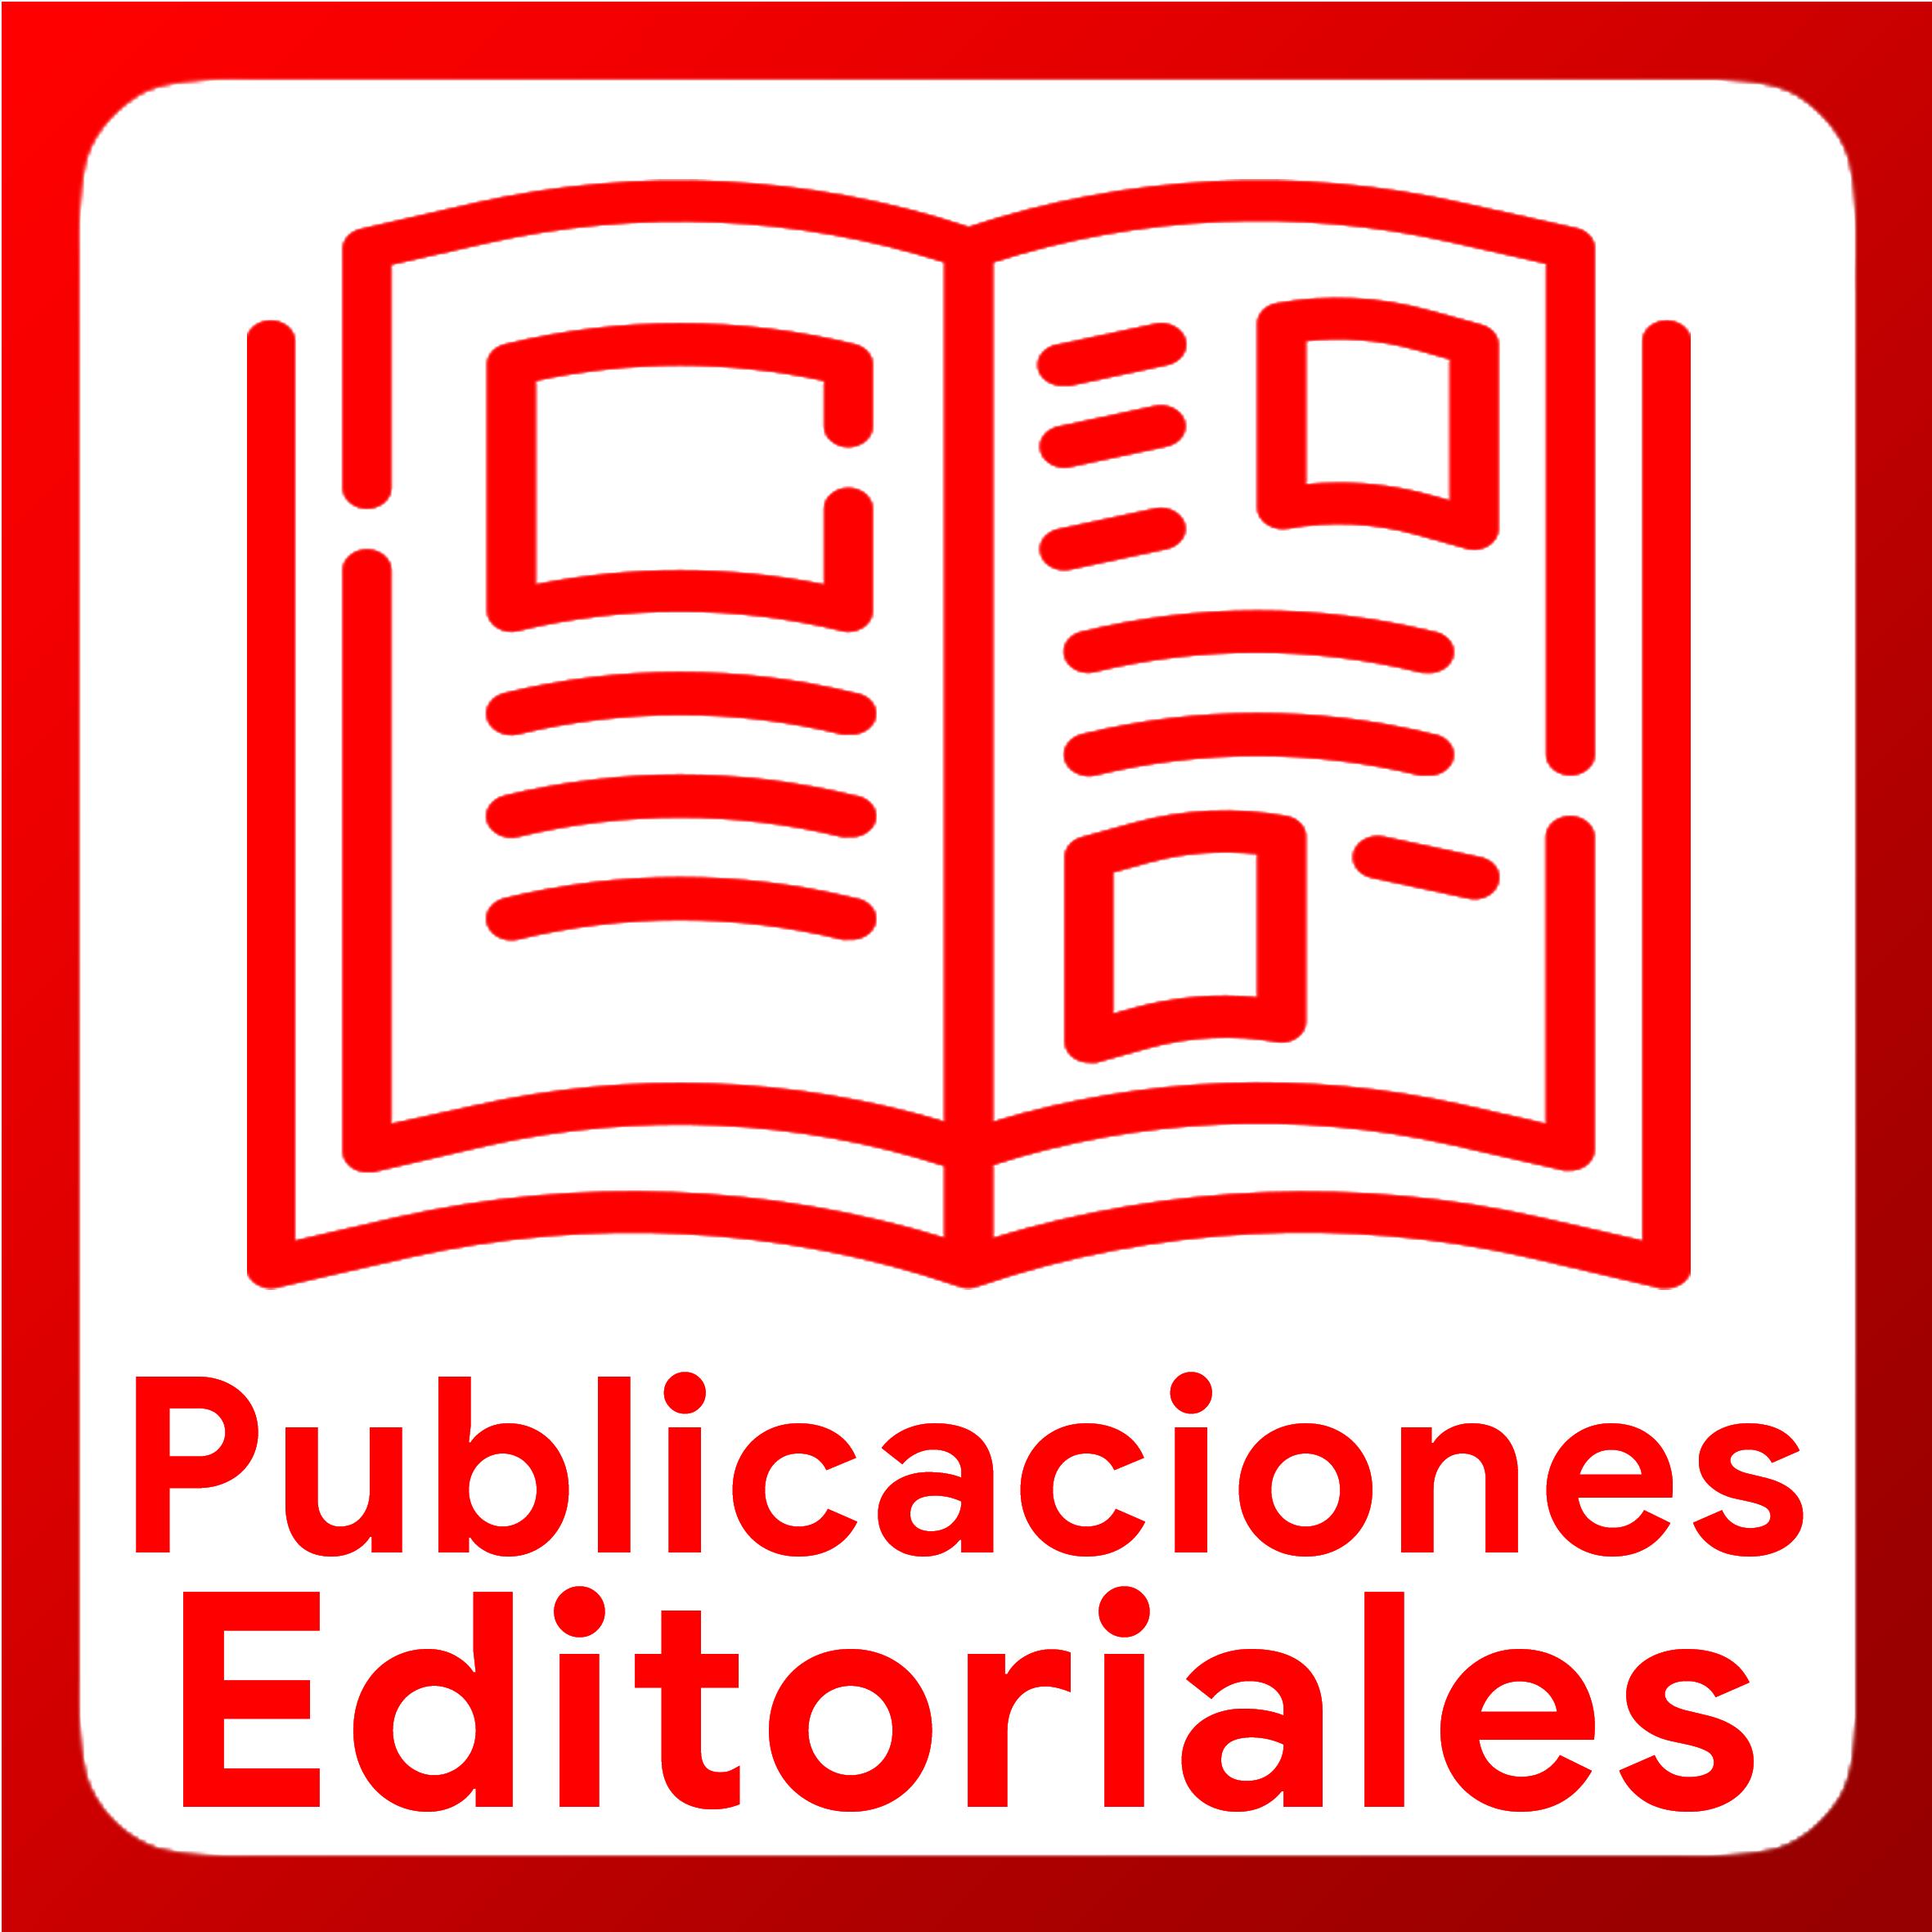 Boton activable de Publicaciones Editoriales